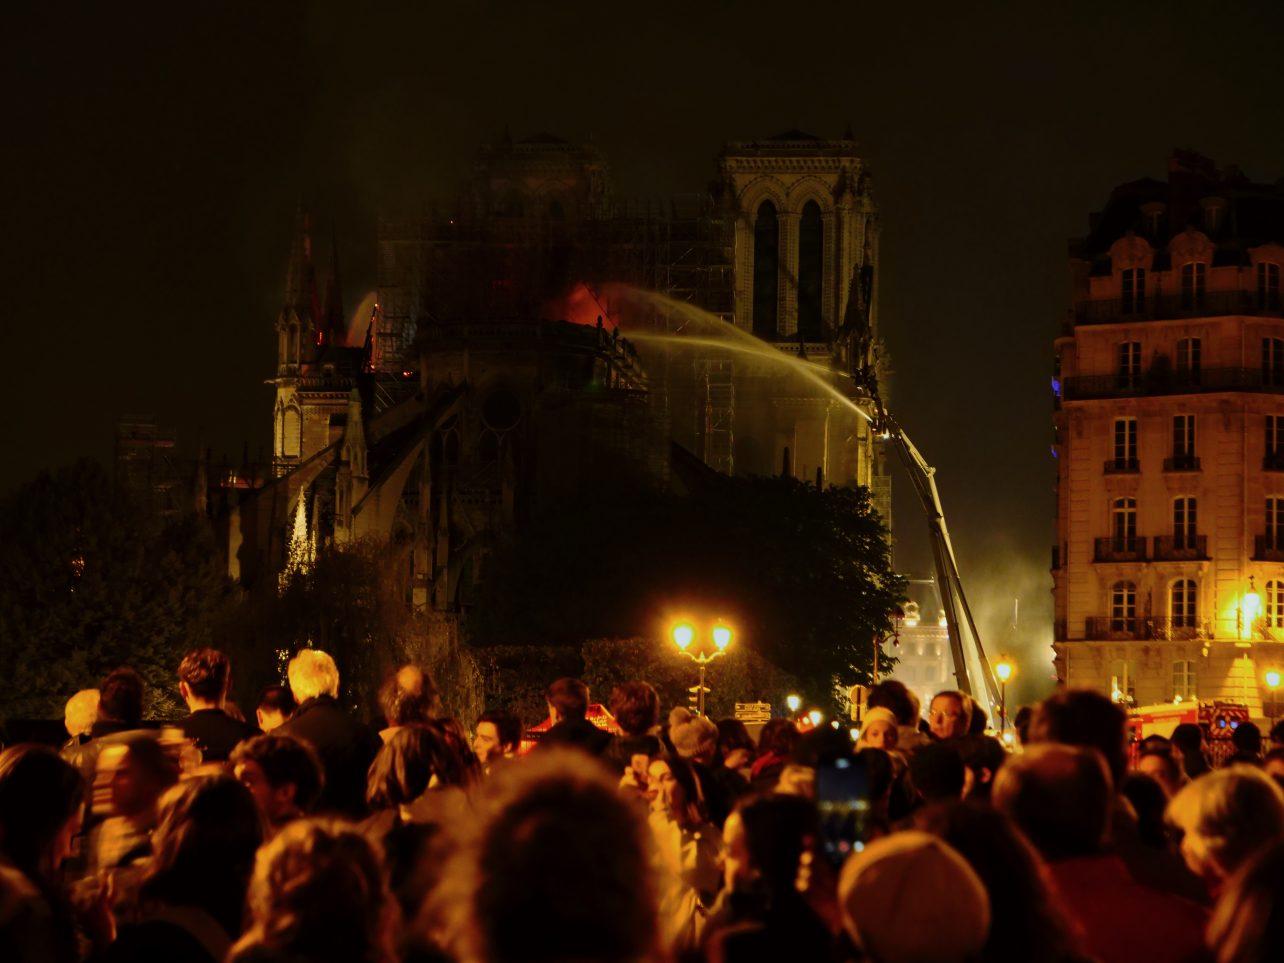 Une foule de parisiens regardant Notre Dame brûler dans la nuit du 15 au 16 avril